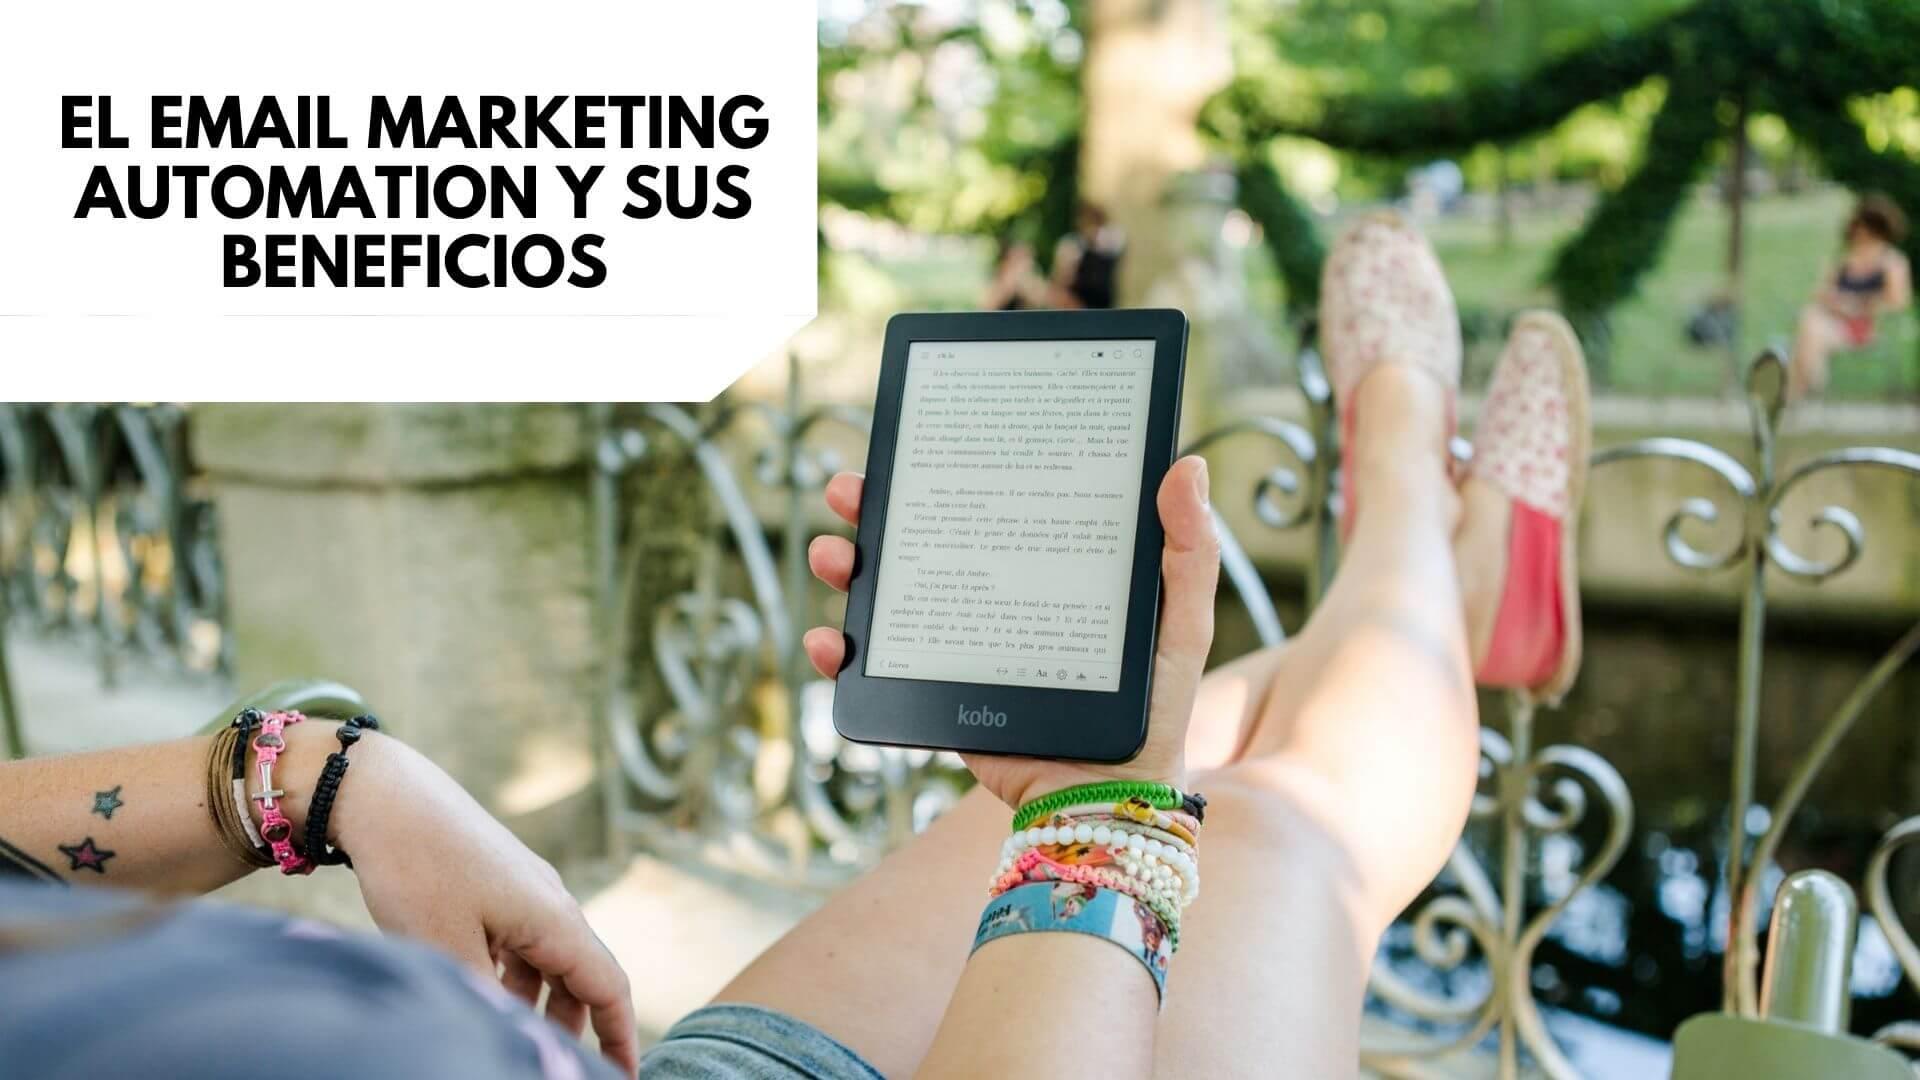 El email marketing automation y sus beneficios